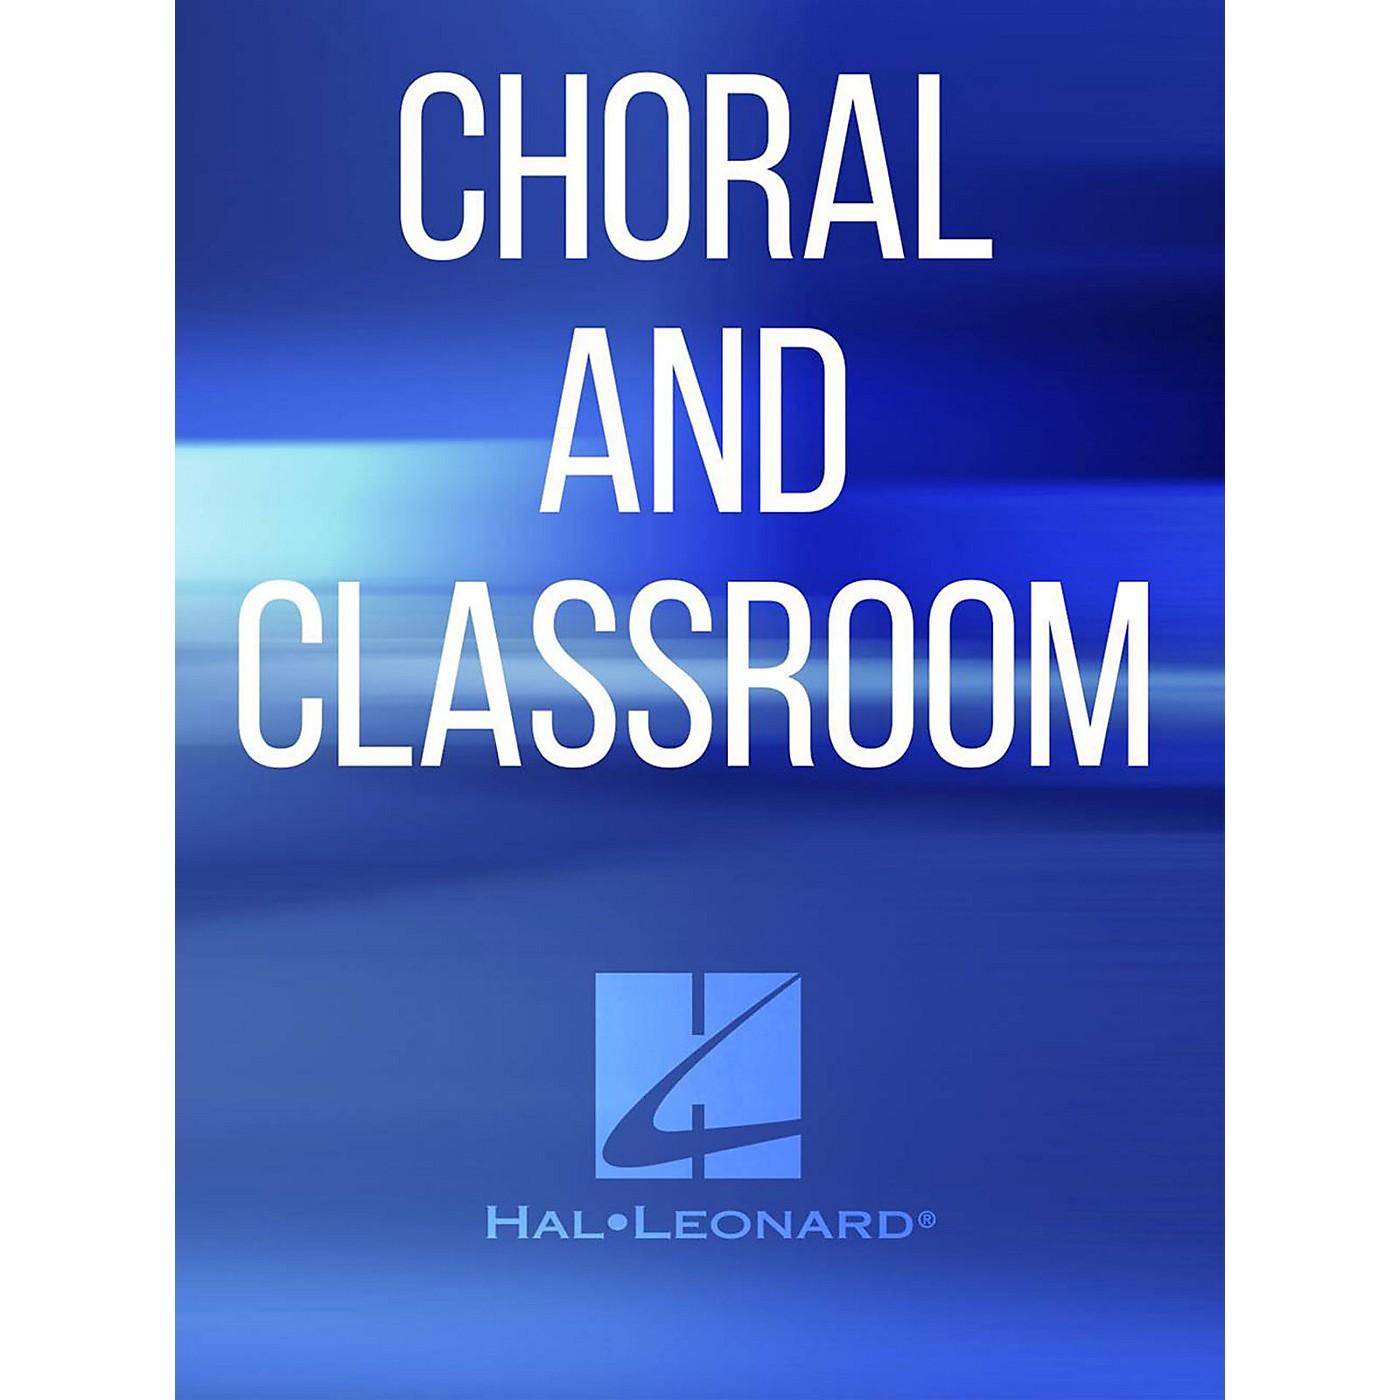 Hal Leonard Liebesgram Composed by Ro Schumann thumbnail